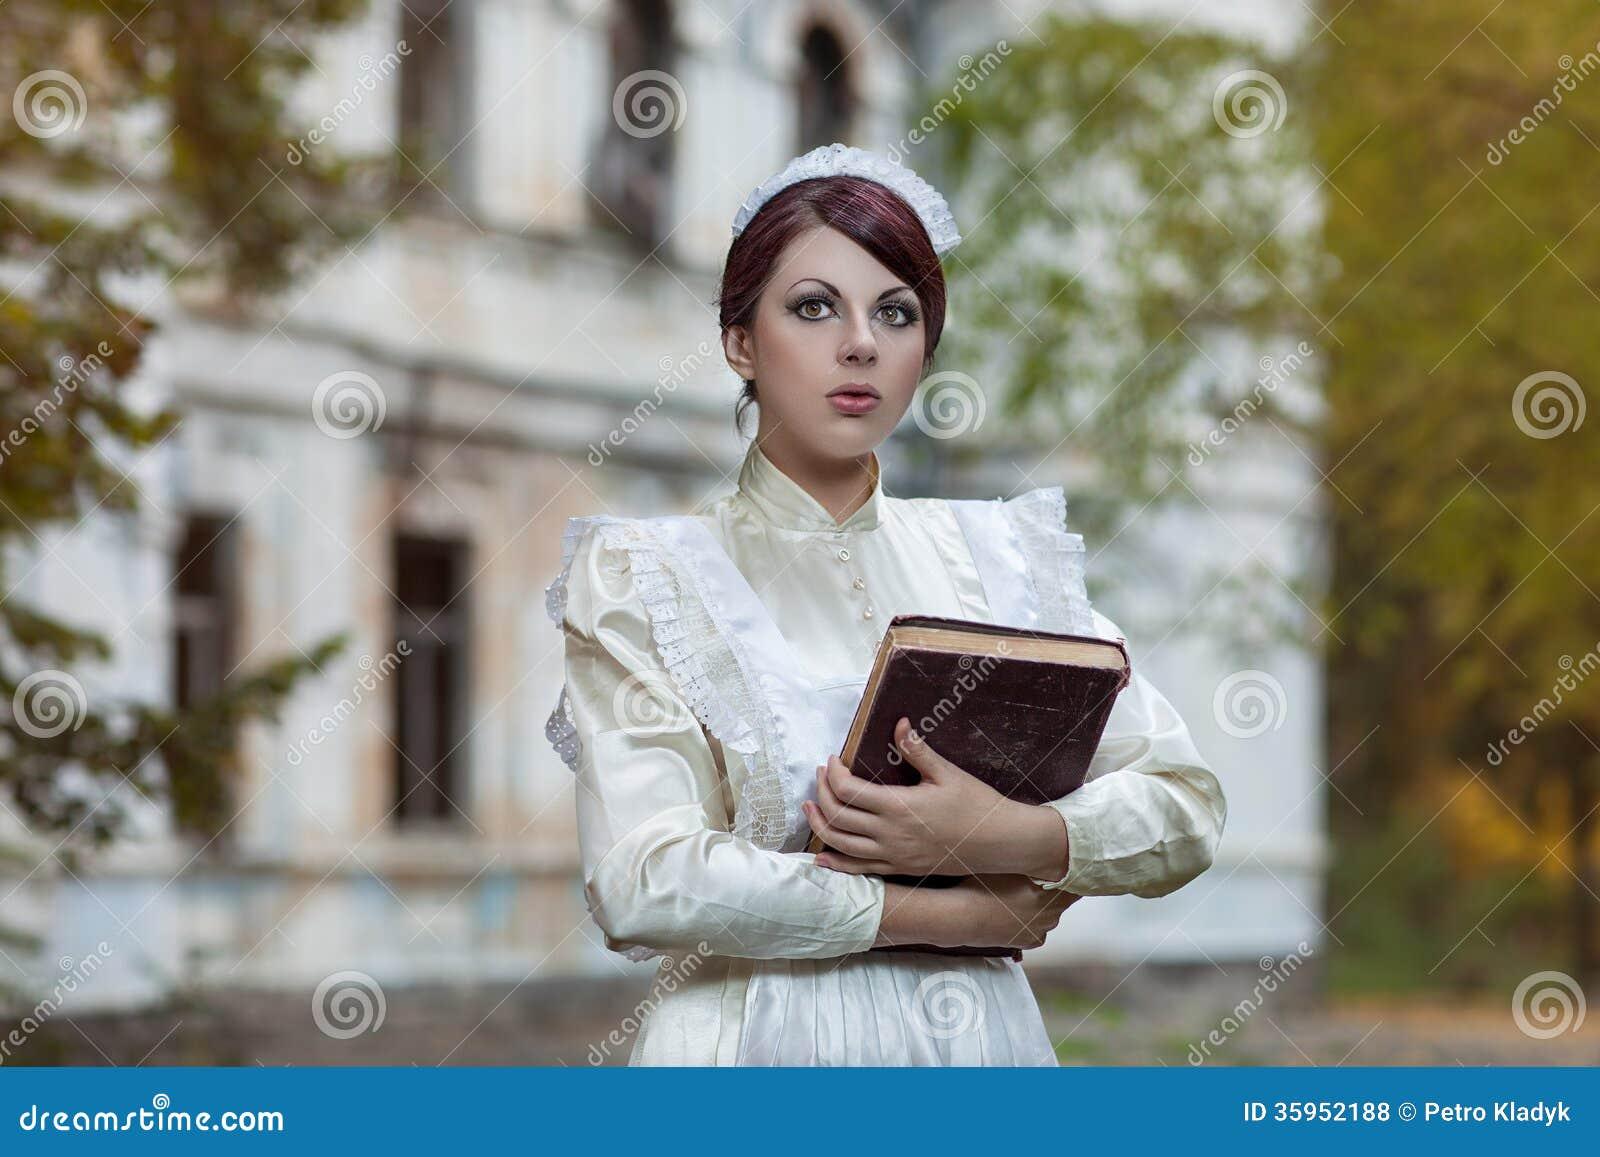 La muchacha con un libro en el parque.